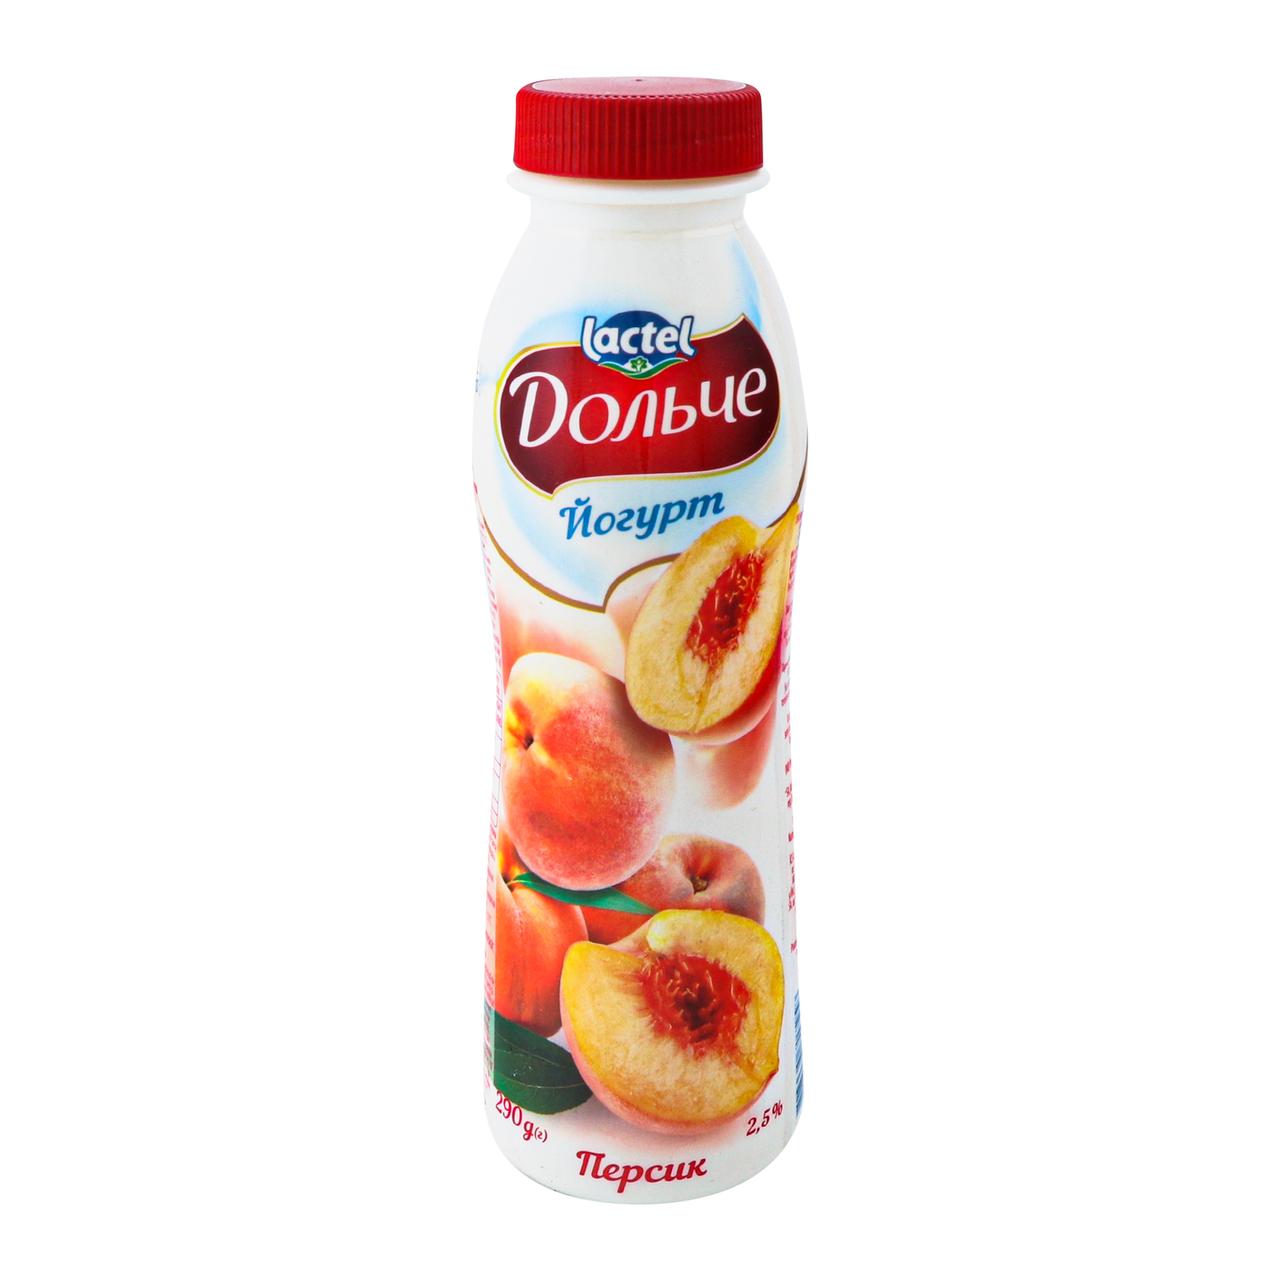 Йогурт Дольче Персик 2.5% 290г